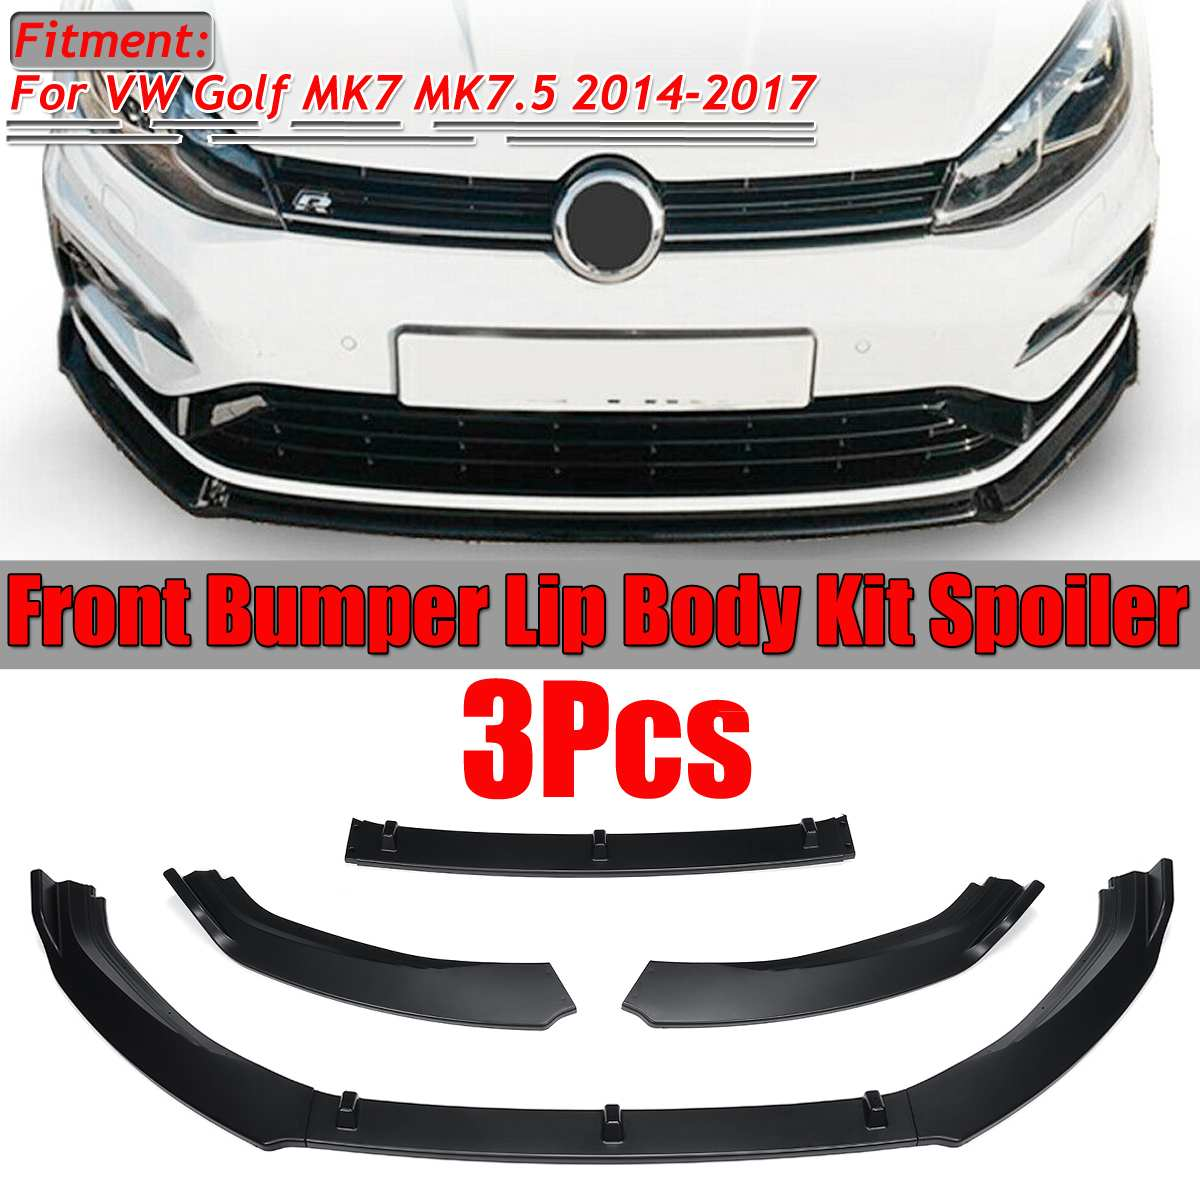 3 шт. автомобильный передний бампер разветвитель спойлер диффузор Защитная Крышка Накладка для Volkswagen для VW для Golf MK7 MK7.5 2014 2015 2016 2017